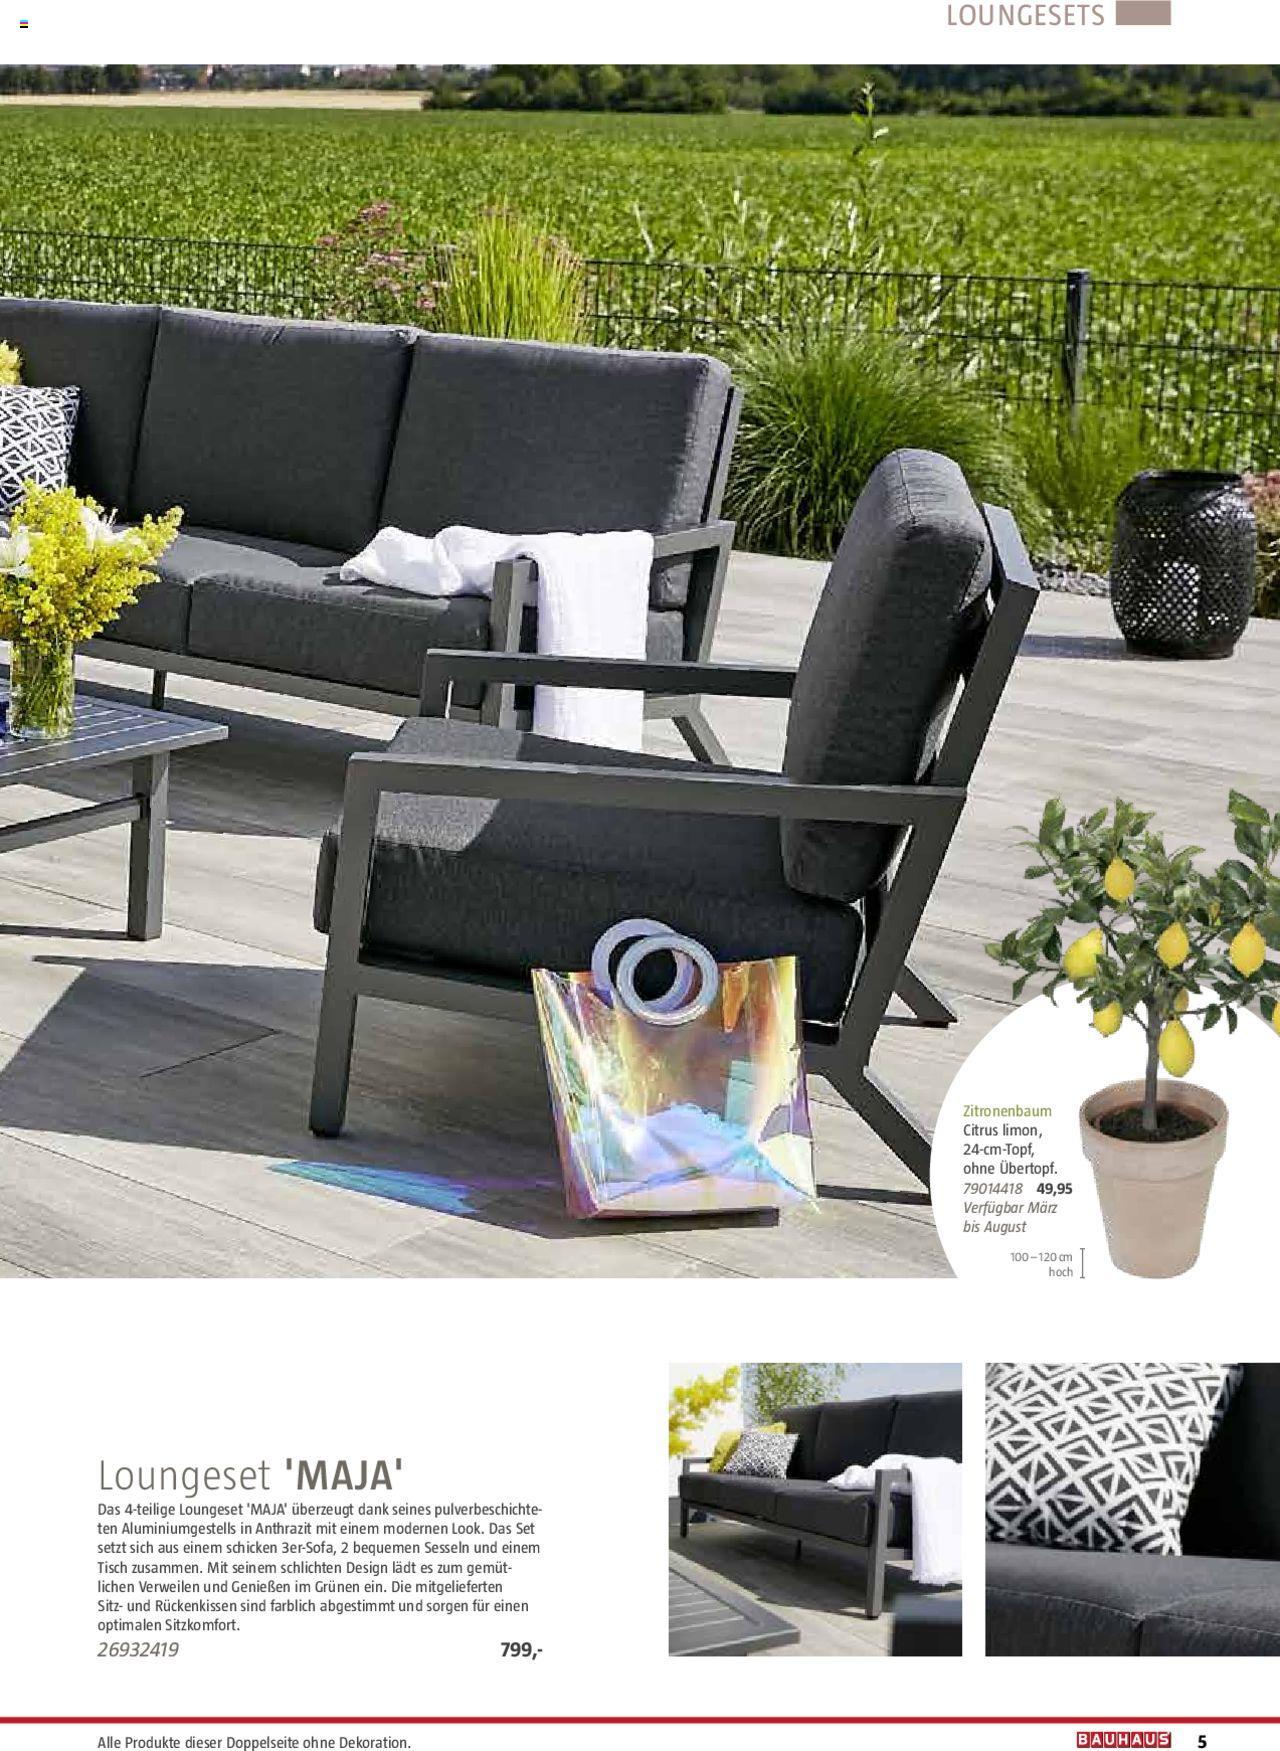 Full Size of Liegestuhl Bauhaus Holz Klappbar Garten Auflage Relax Kaufen Sommermbel 2020 02042020 30062020 Fenster Wohnzimmer Liegestuhl Bauhaus